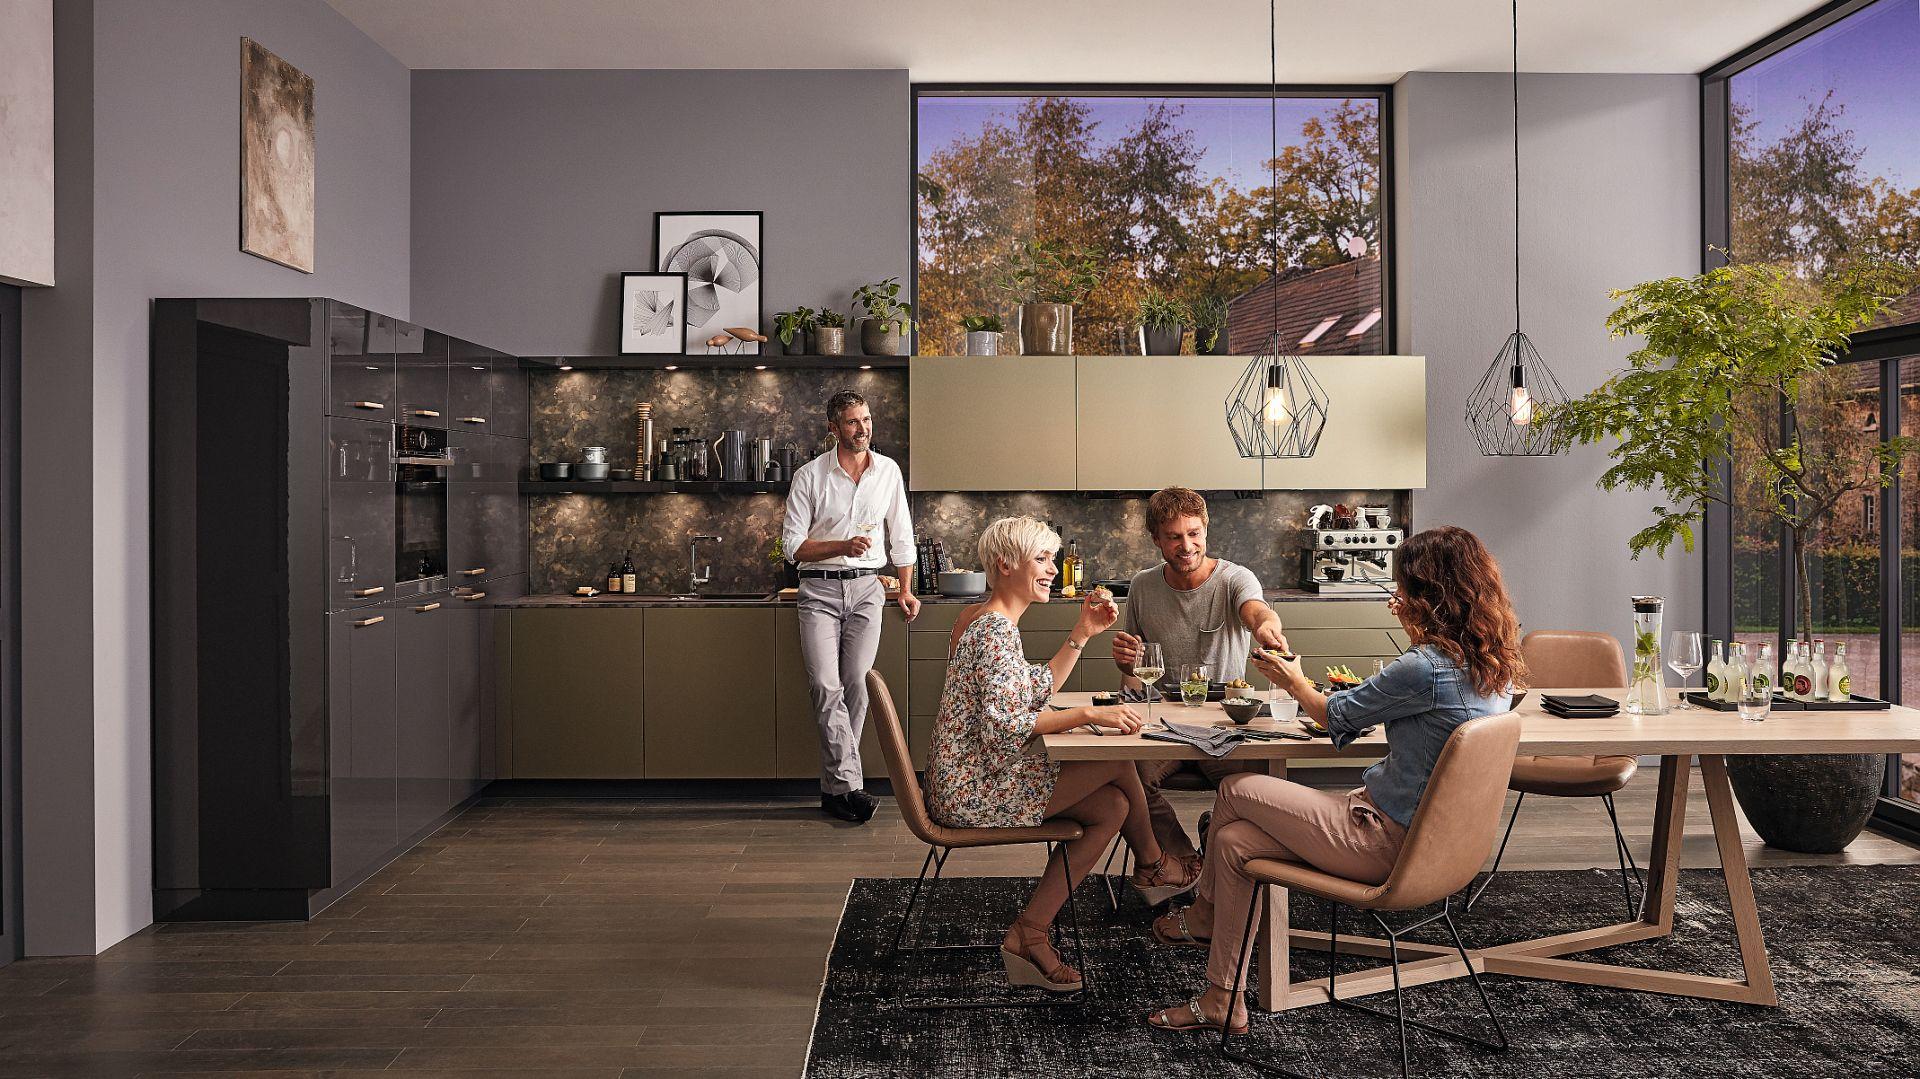 Kuchnia z programu Alnoglint, Alnopearl to połączenie eleganckich grafitowych frontów w połyskującym wykończeniu wysokiej zabudowy meblowej z matowymi frontami w złotym metalicznym kolorze. Fot. Alno